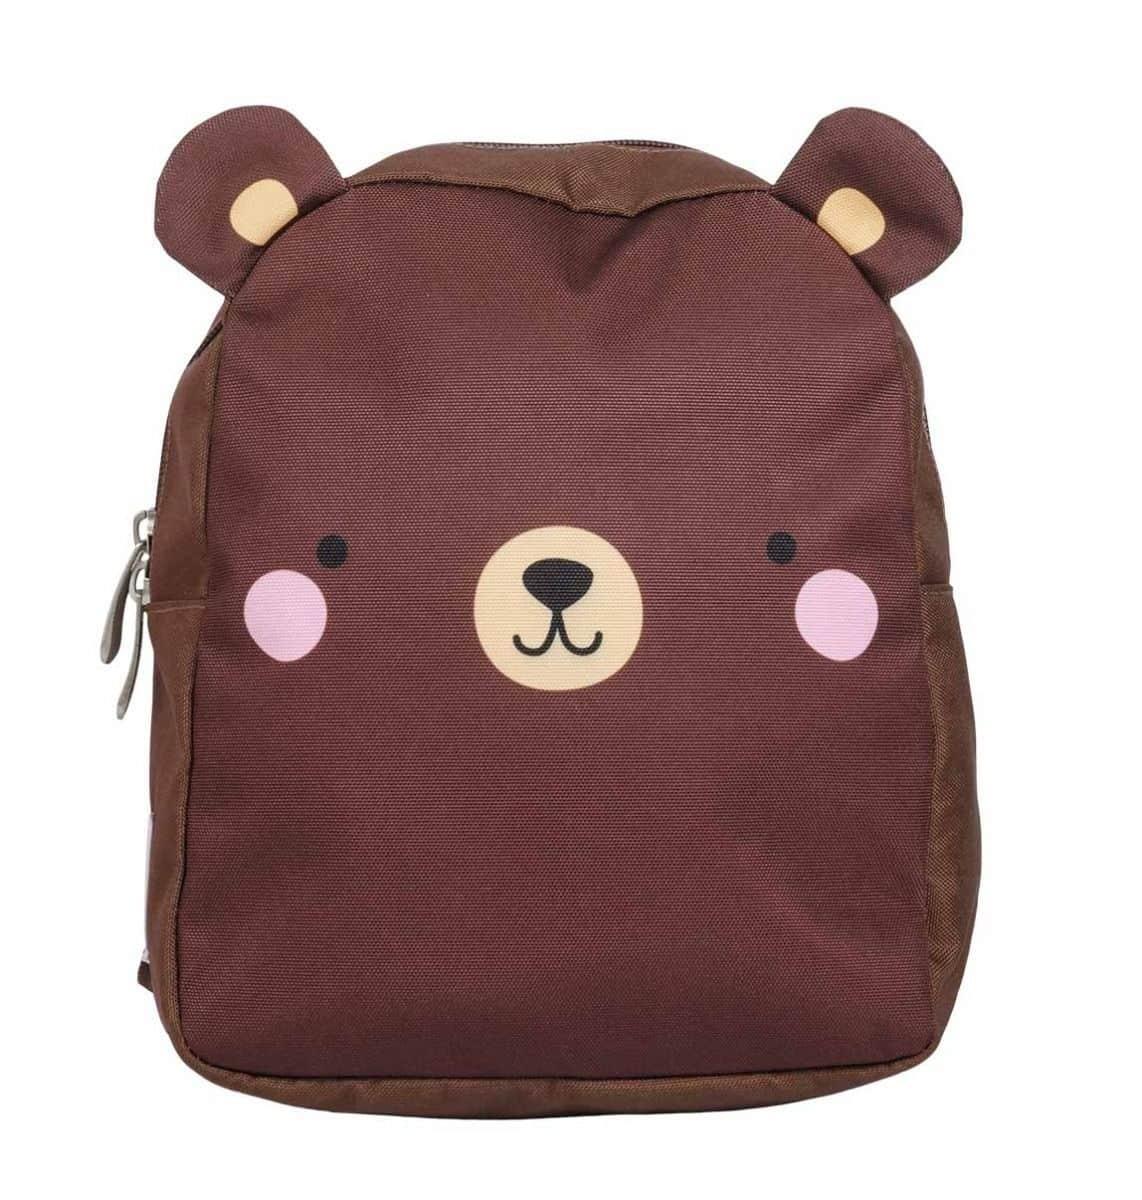 A Little Lovely Company Dětský batoh Bear, hnědá barva, textil